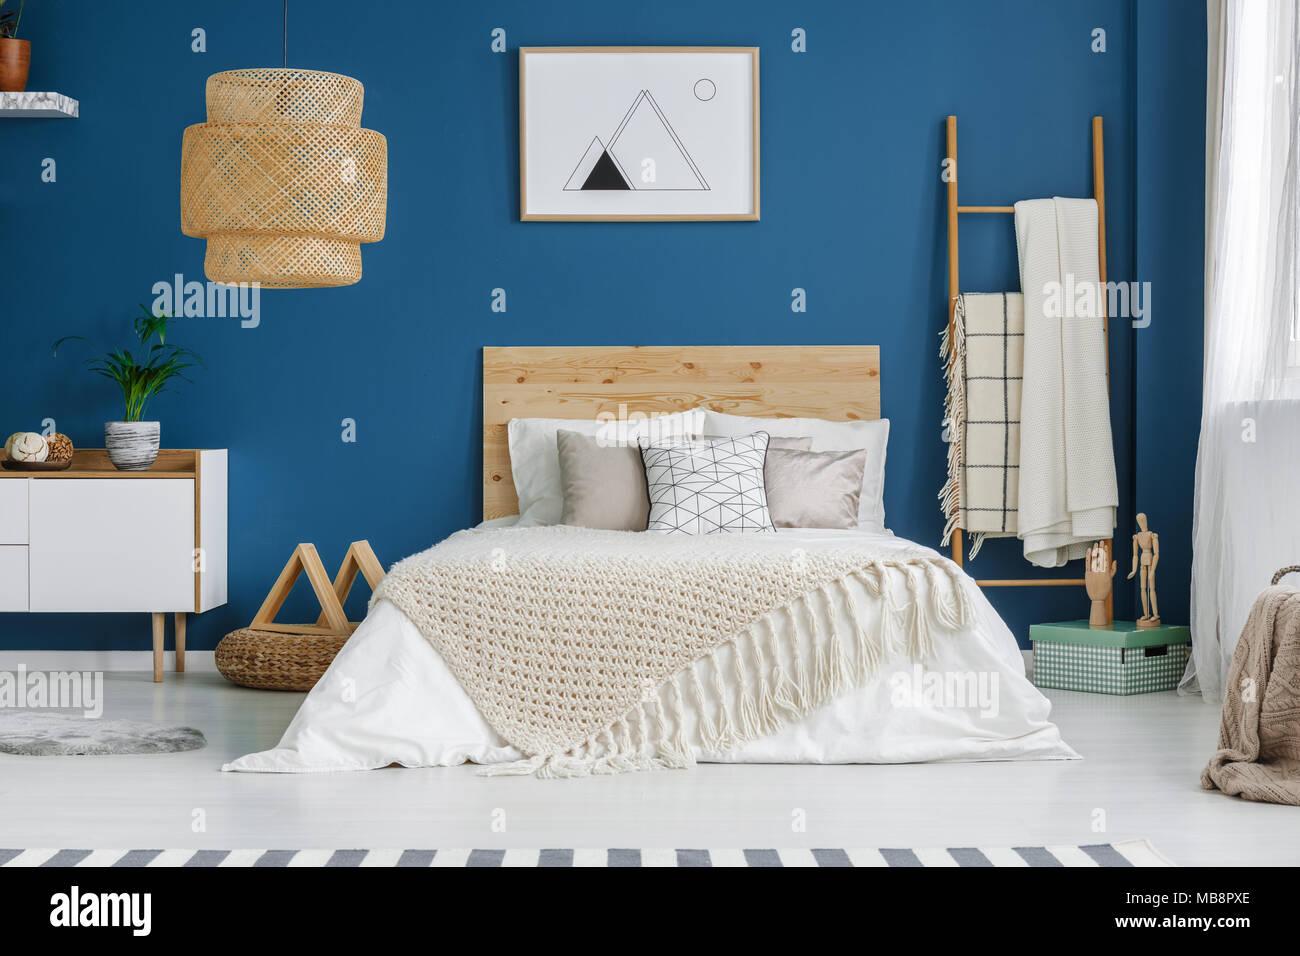 Camera Da Letto Blu : Coperta di maglia sul letto in legno nella camera da letto blu